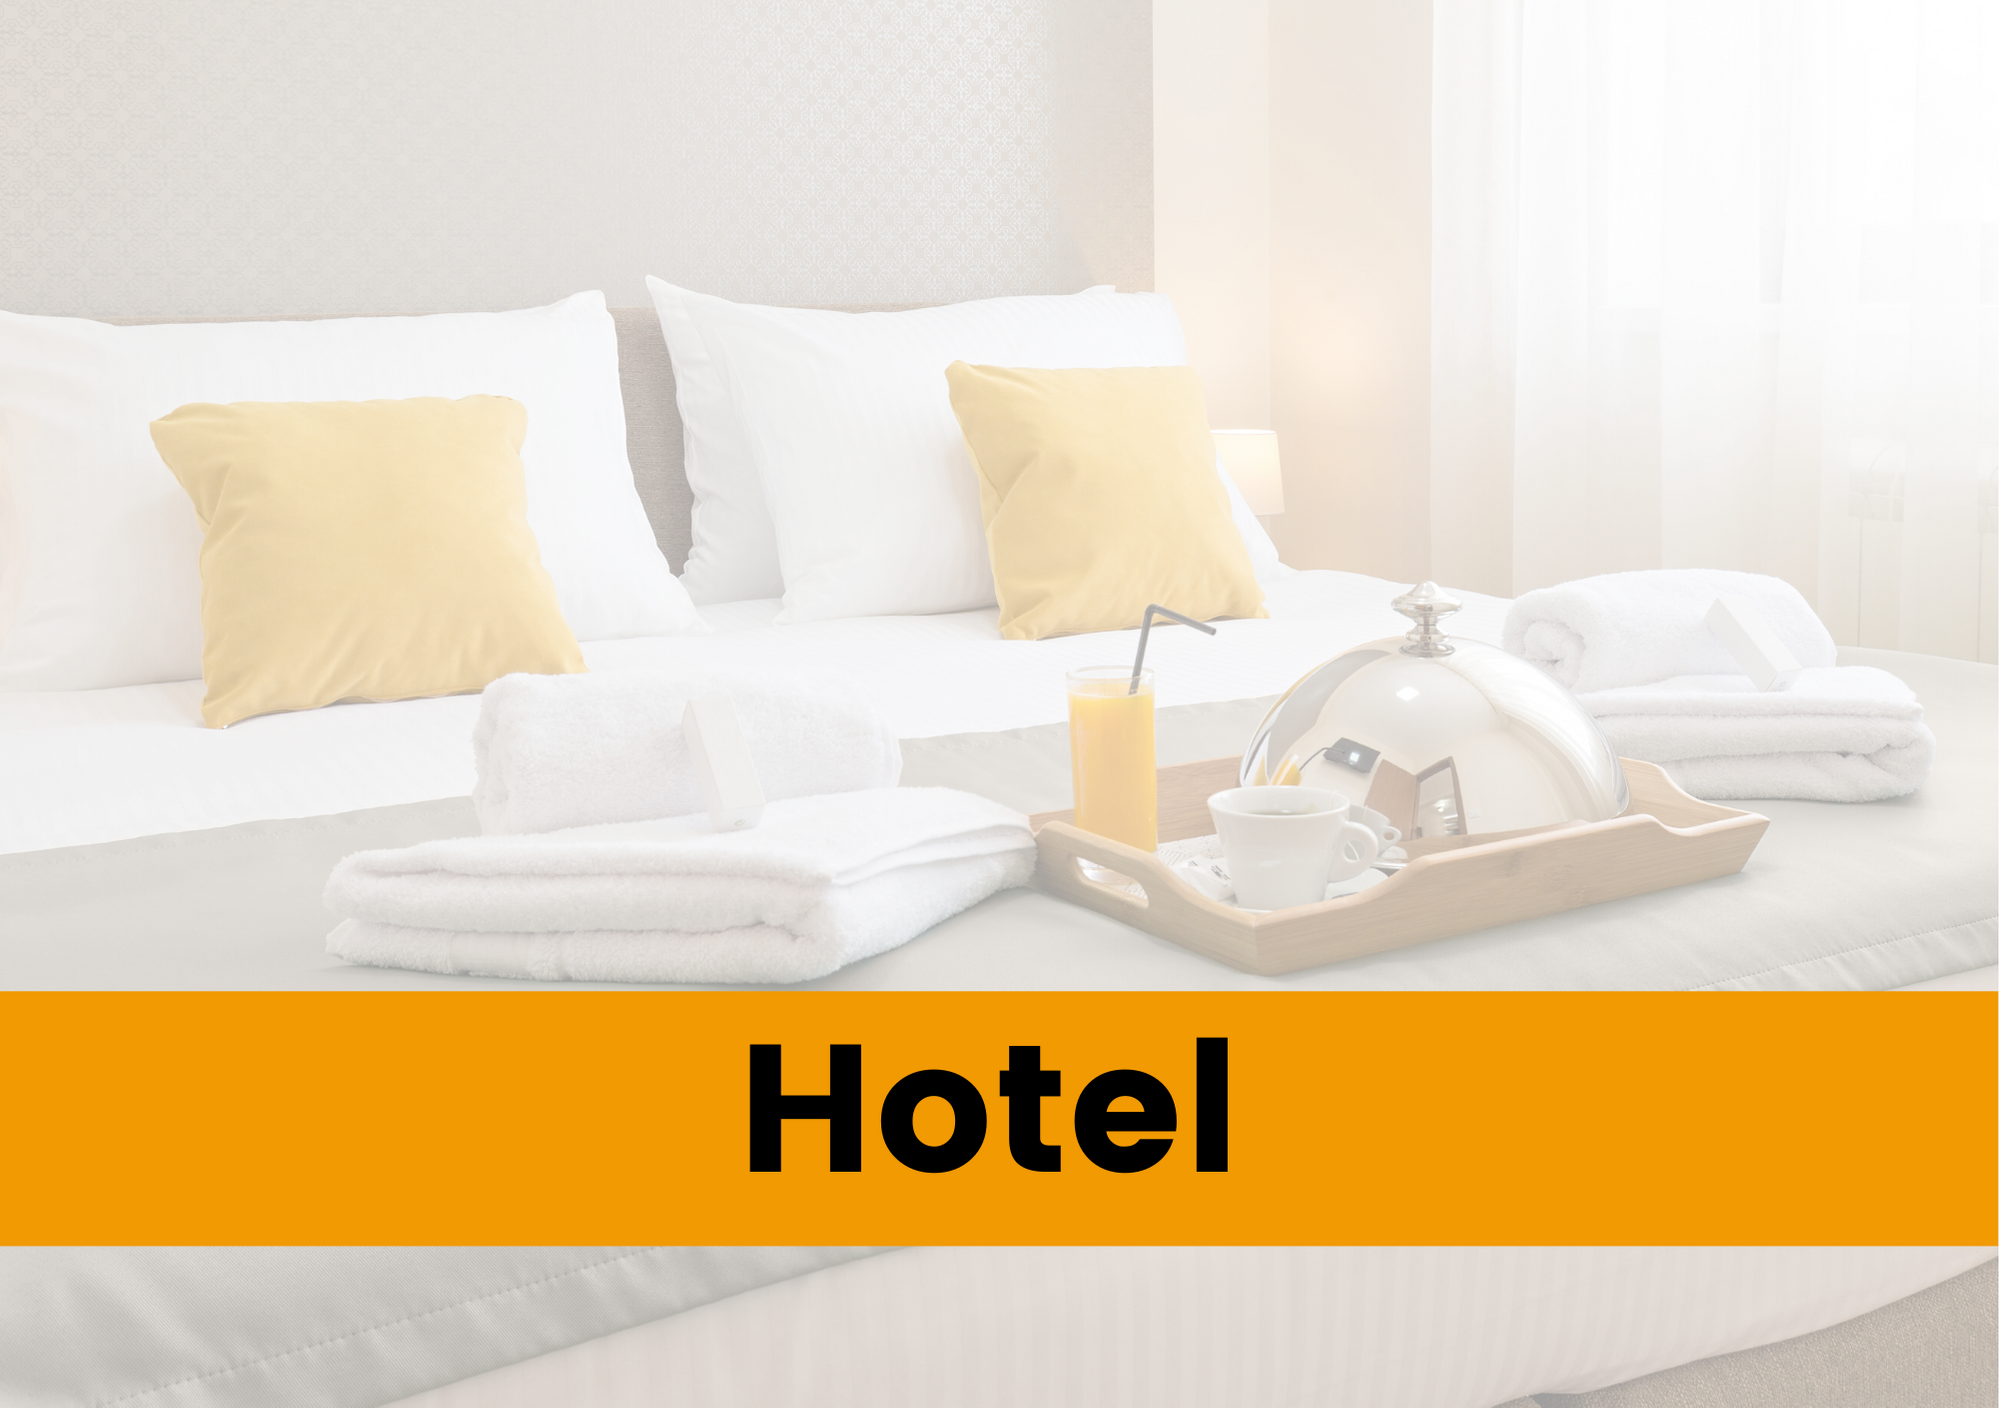 Stanza di hotel con colazione sul letto